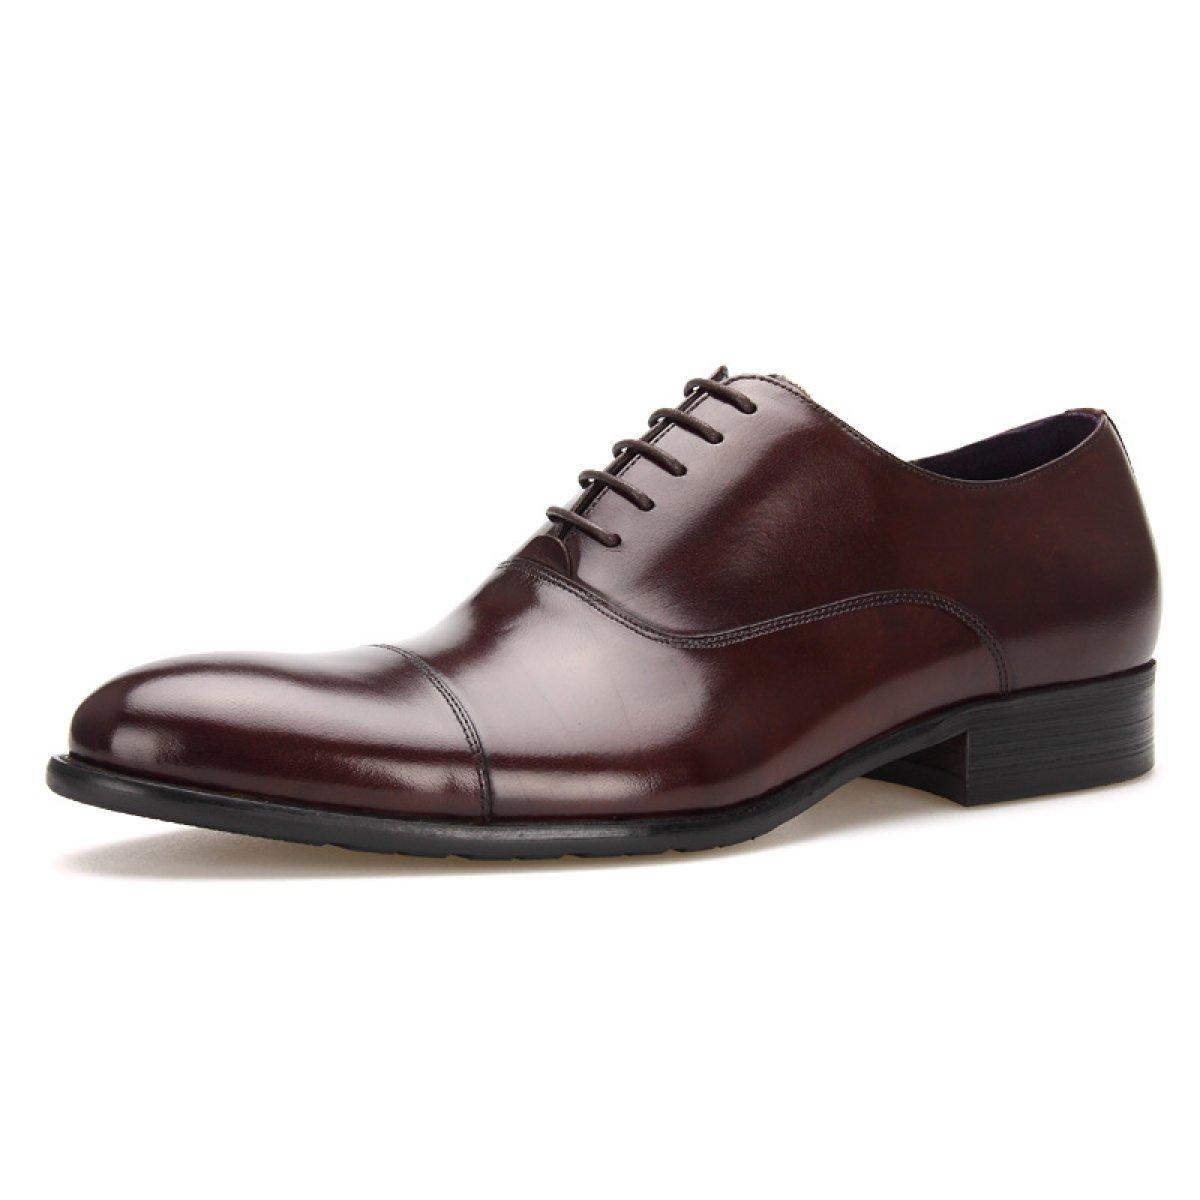 DKFJKI Herren Geschäft Spiky Oxford Schuhe Vier Jahreszeiten Schuhe